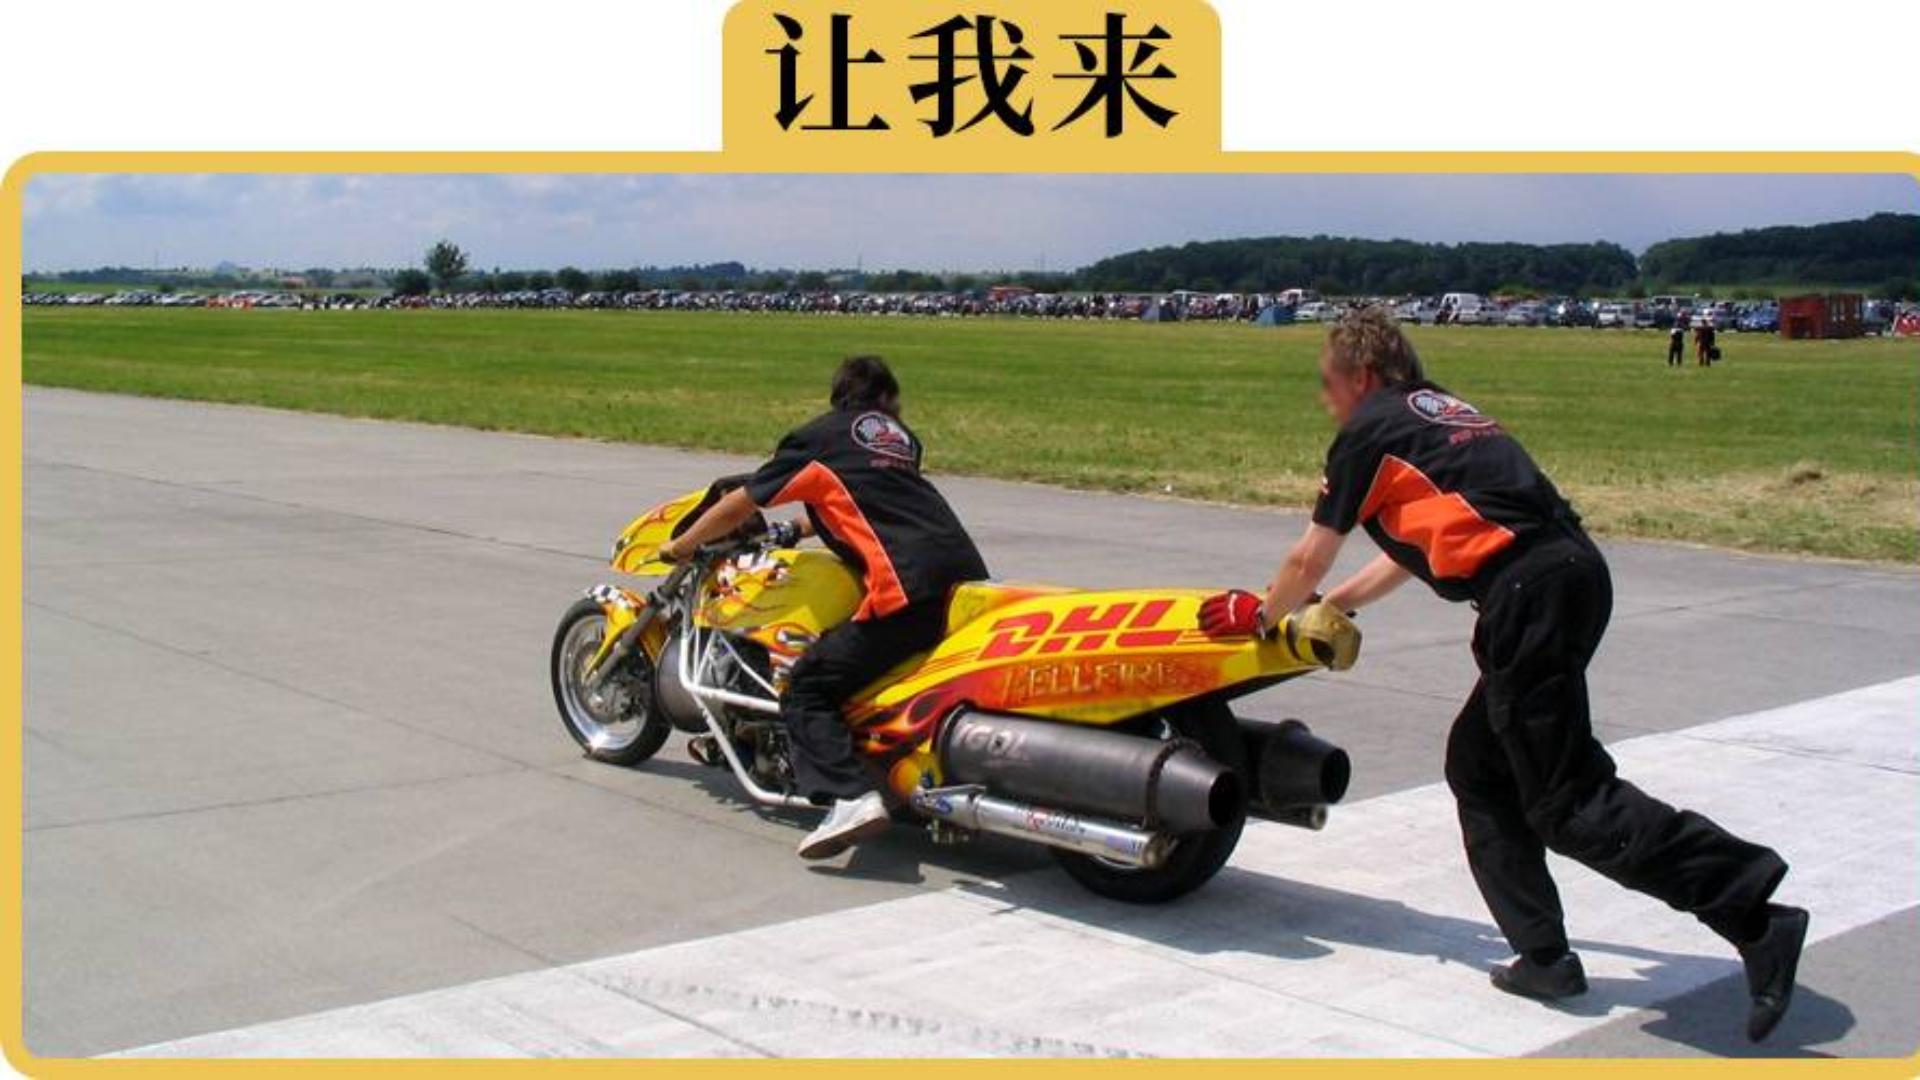 摩托车为什么不用涡轮增压